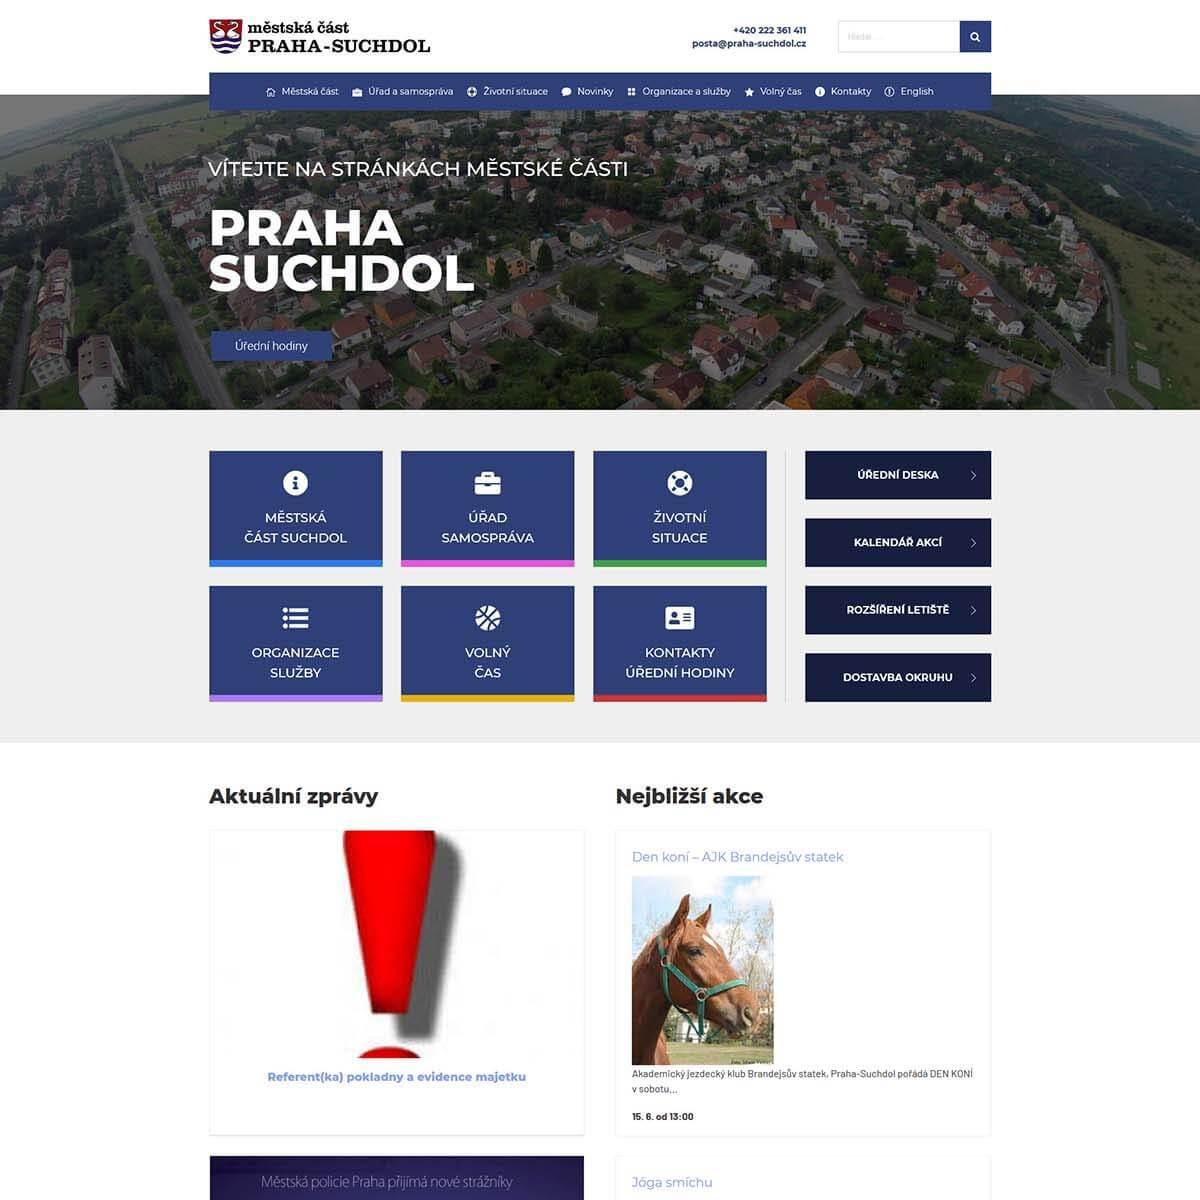 Náhledový obrázek webu Praha Suchdol